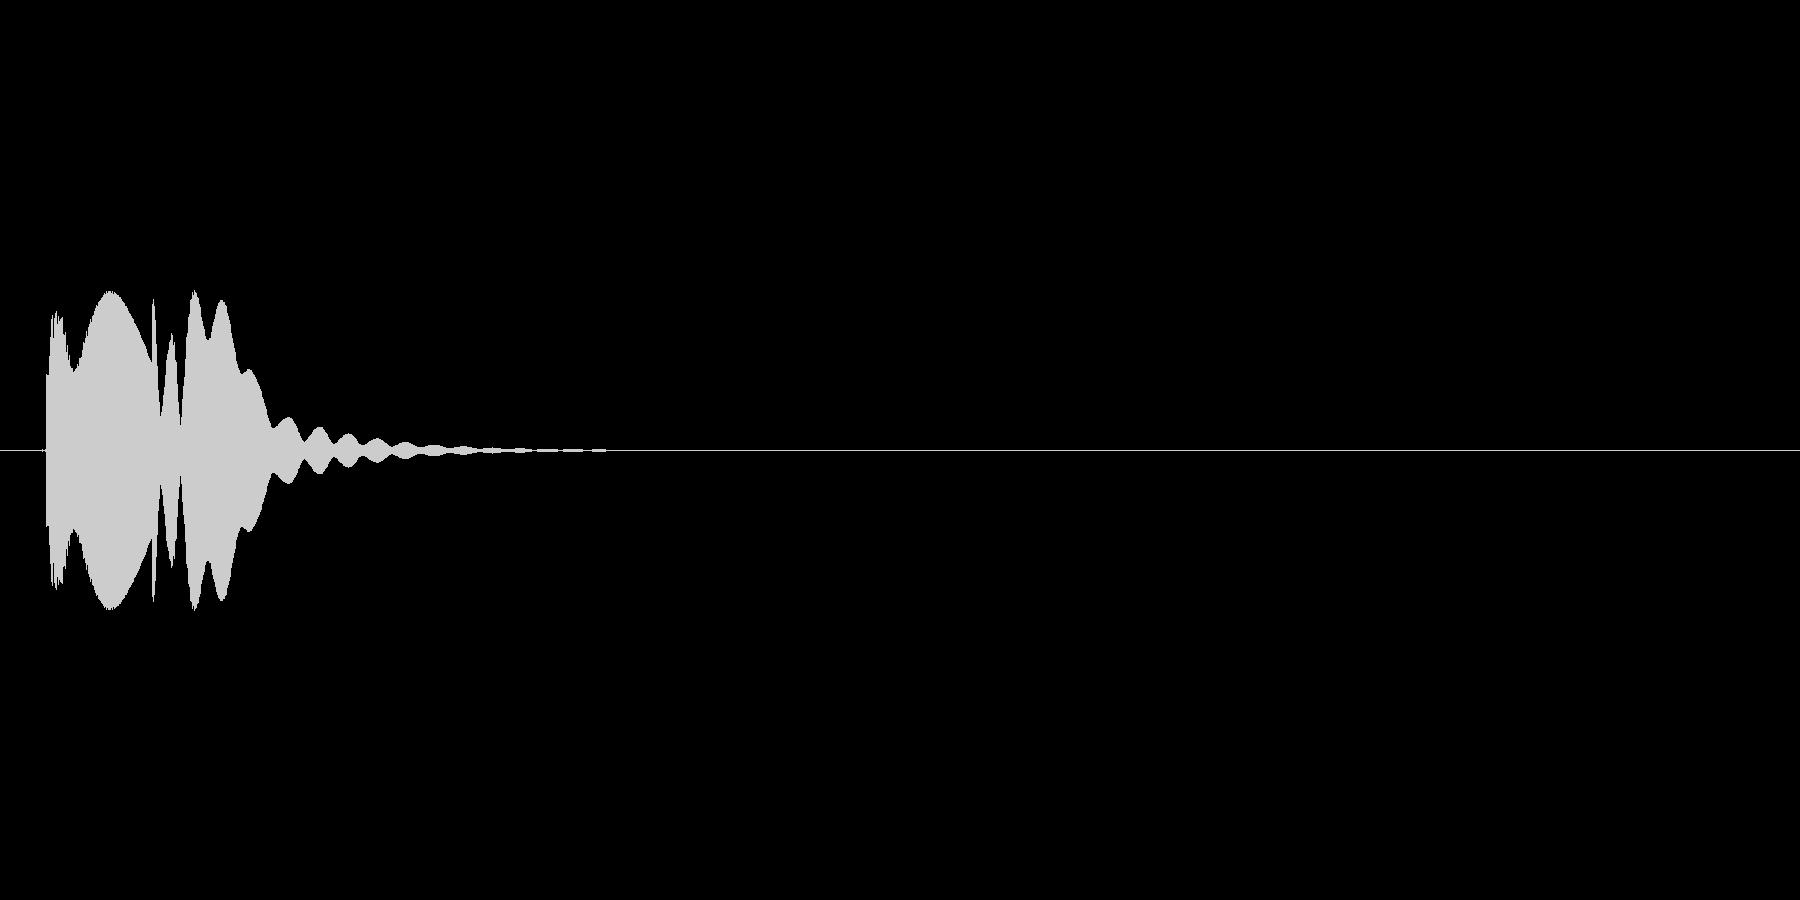 マレットのコミカルな効果音2の未再生の波形